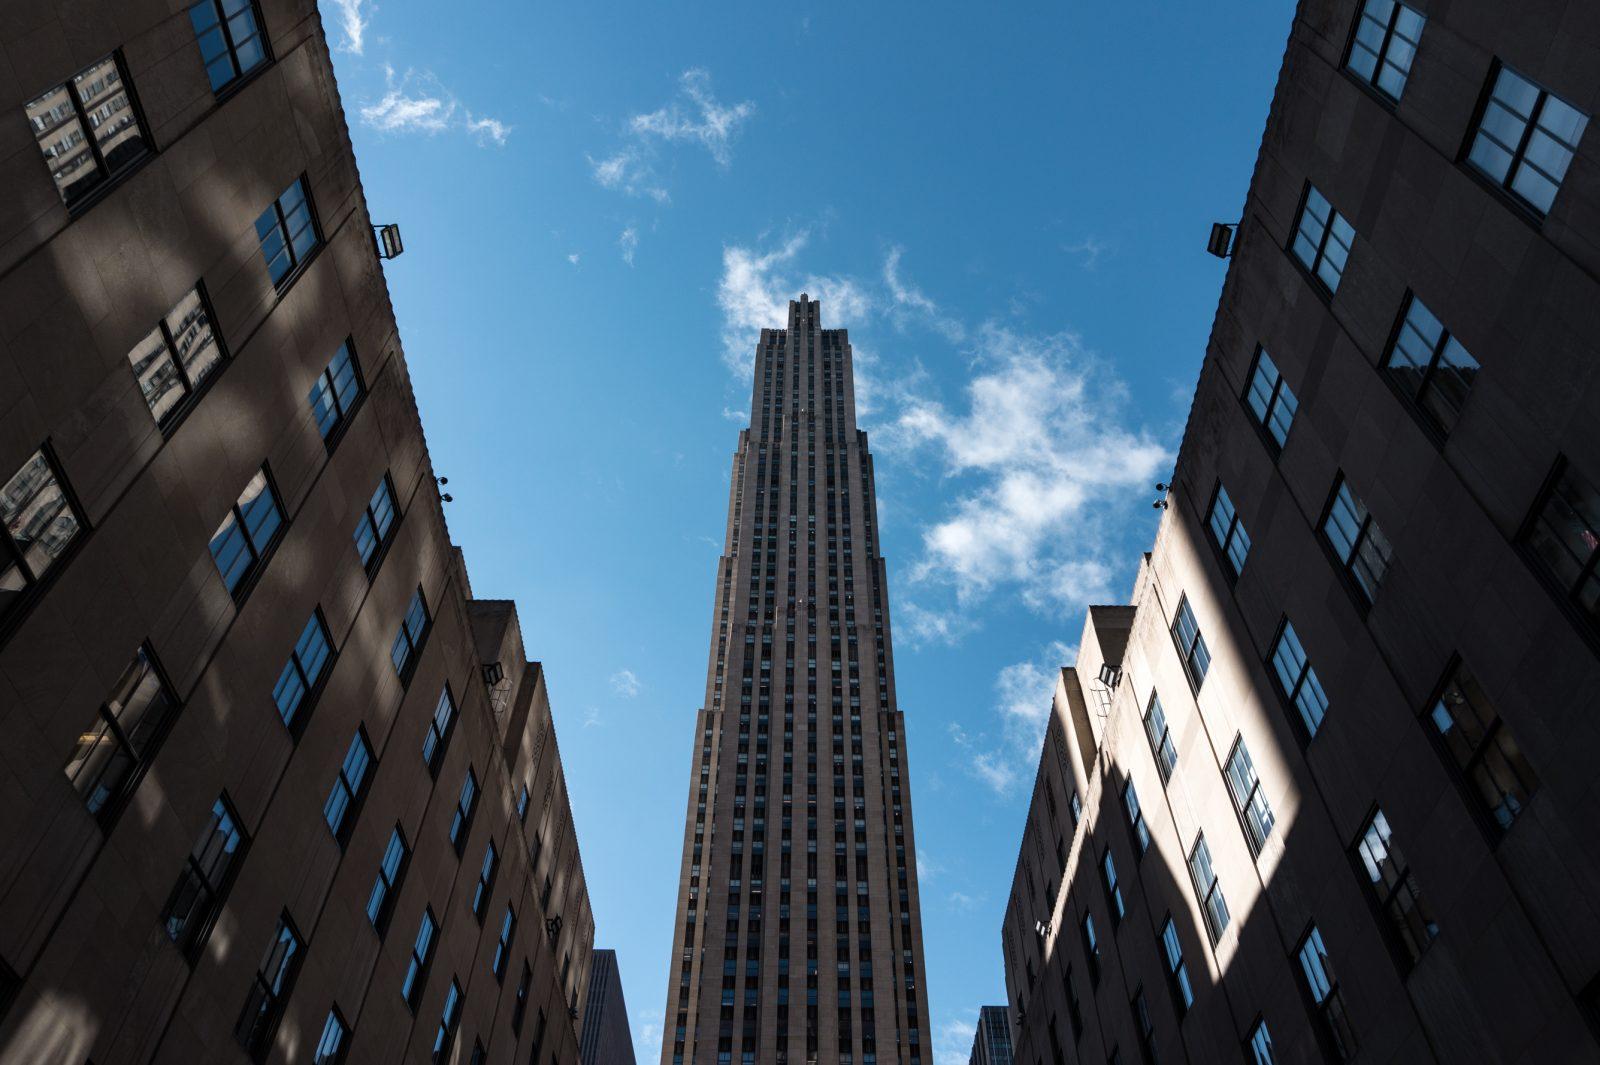 irm292xkwa4 - Rockefeller Center